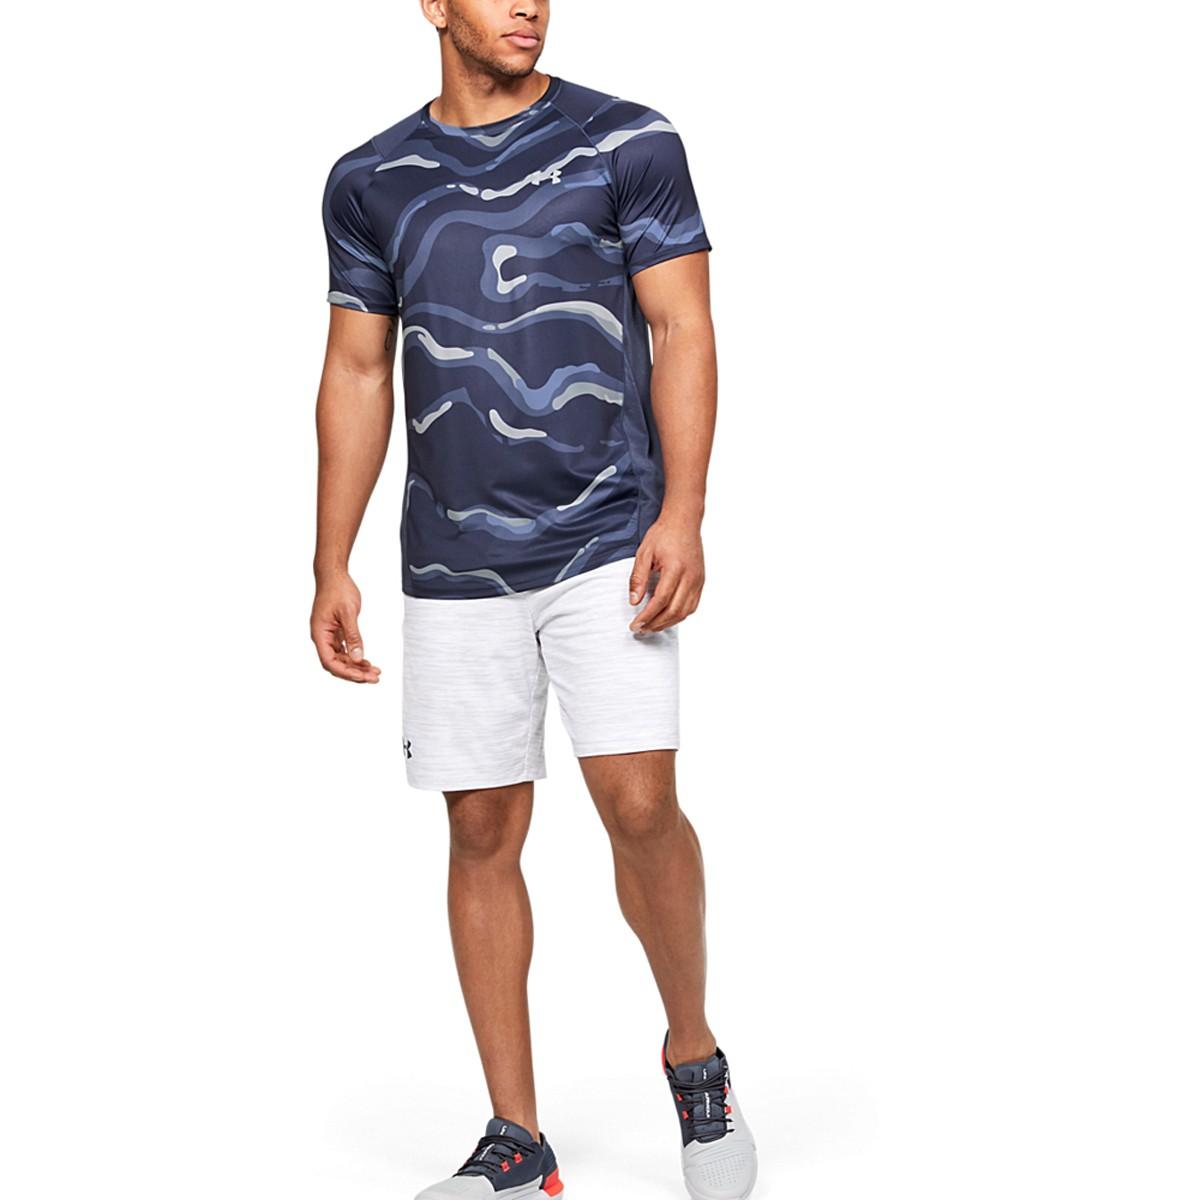 visitante Sencillez Intercambiar  UNDER ARMOUR MK1 PRINTED T-SHIRT - UNDER ARMOUR - Men's - Clothing |  Tennispro